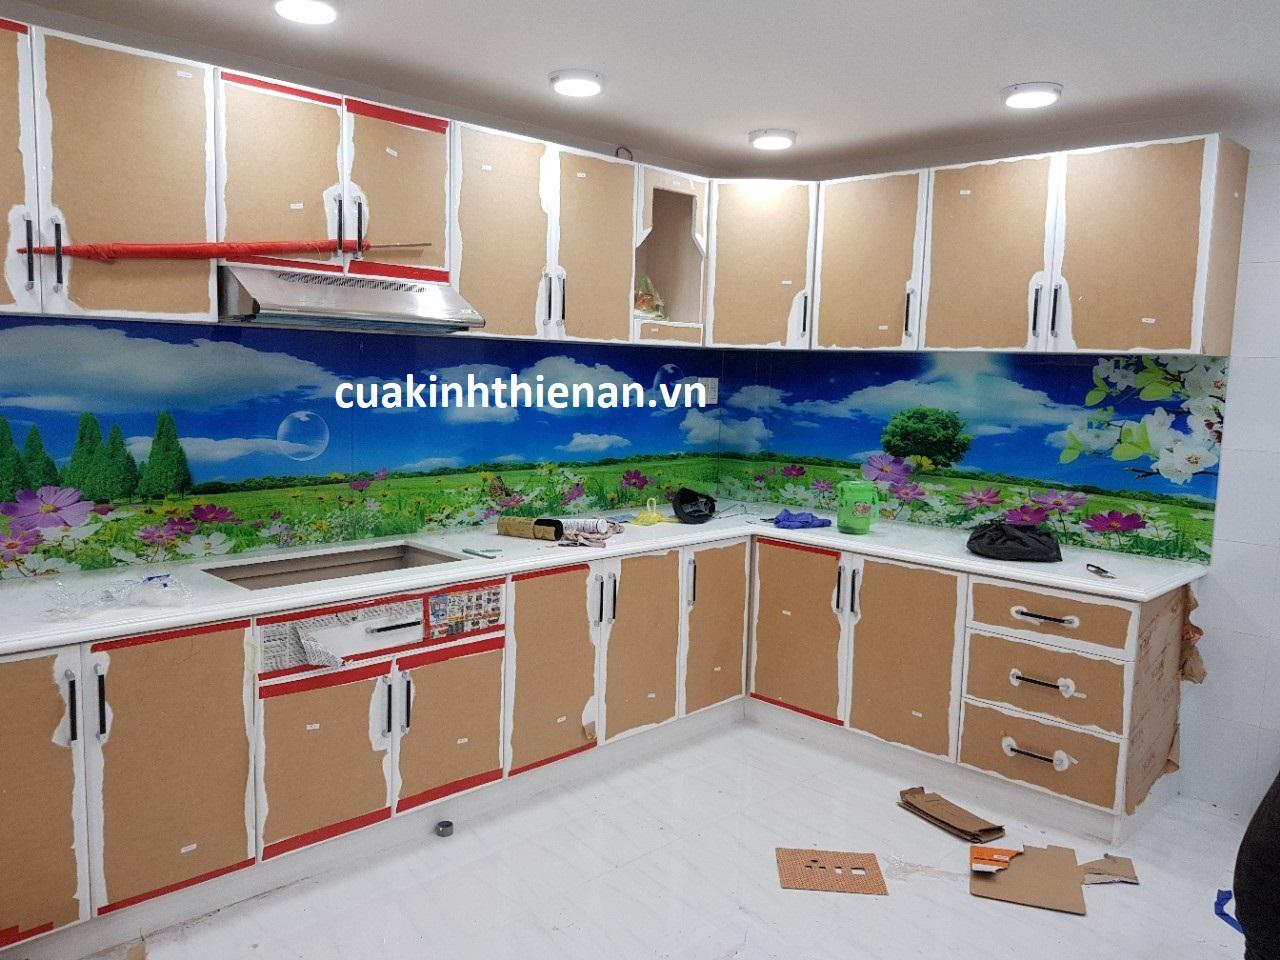 Thi công kính sơn màu cường lực quận Tân Phú